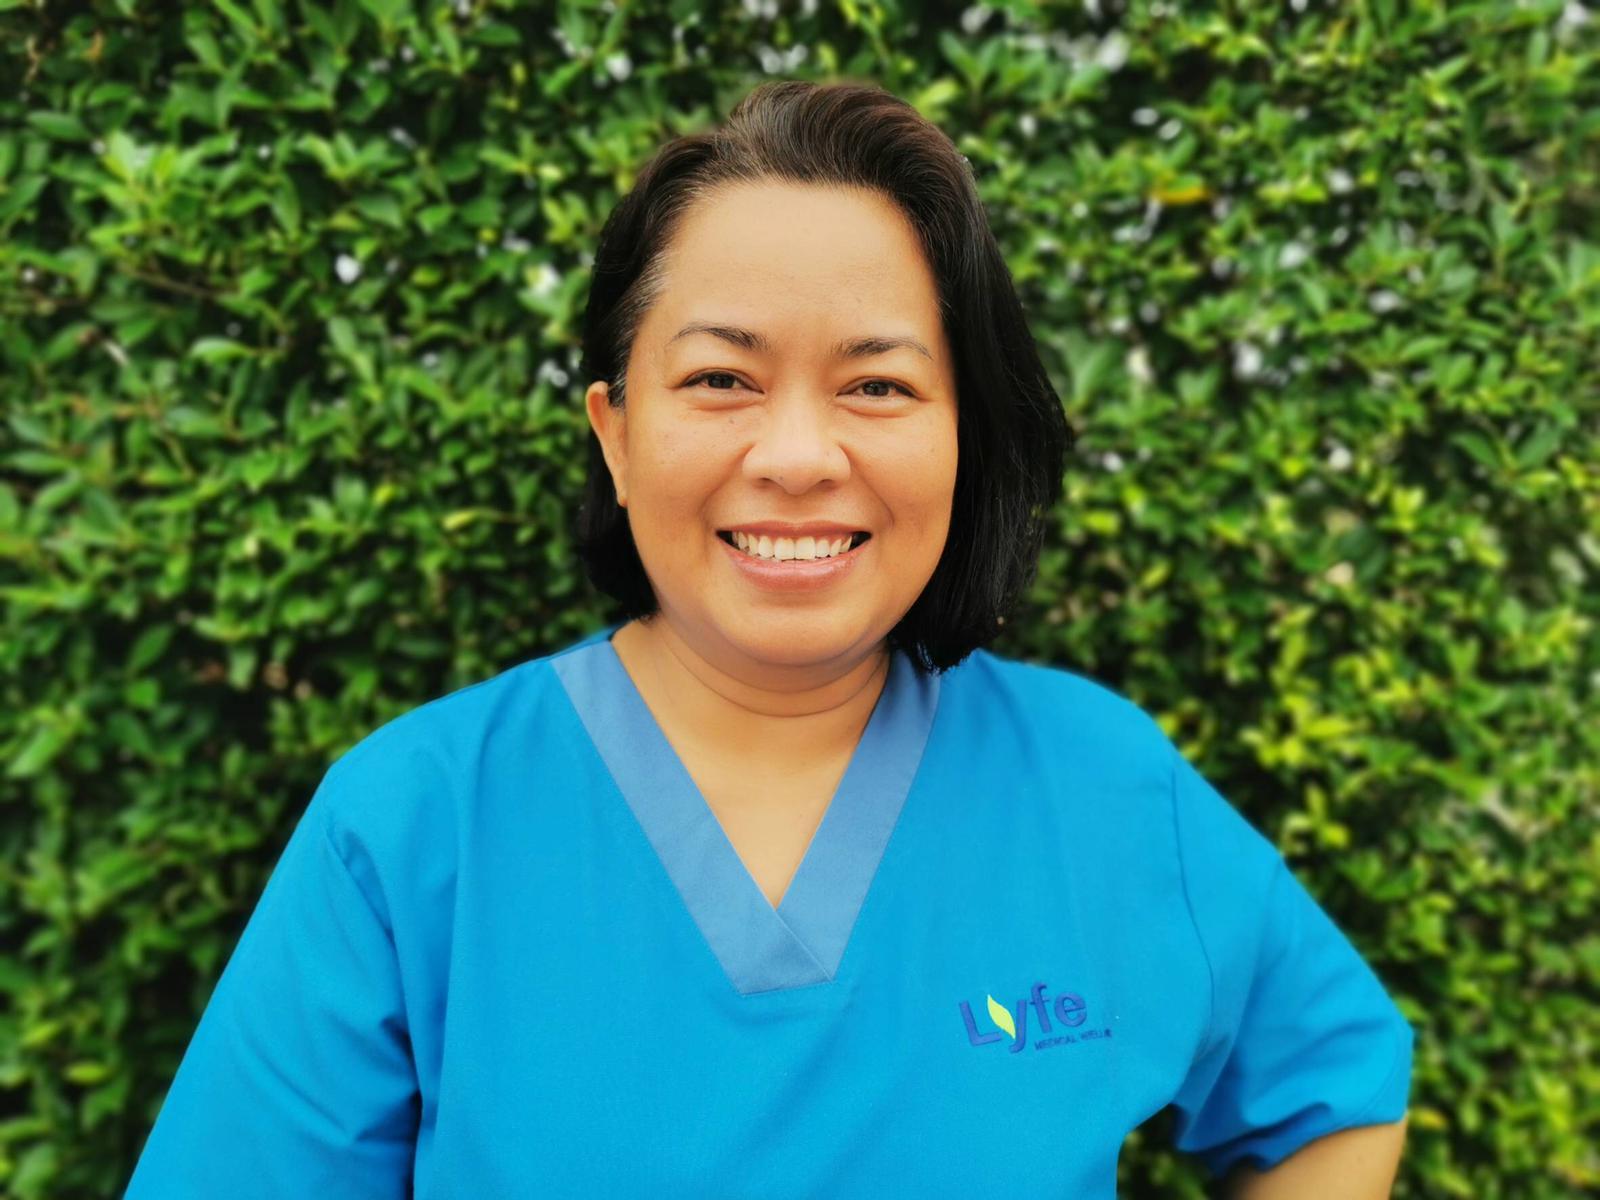 Maam nurse